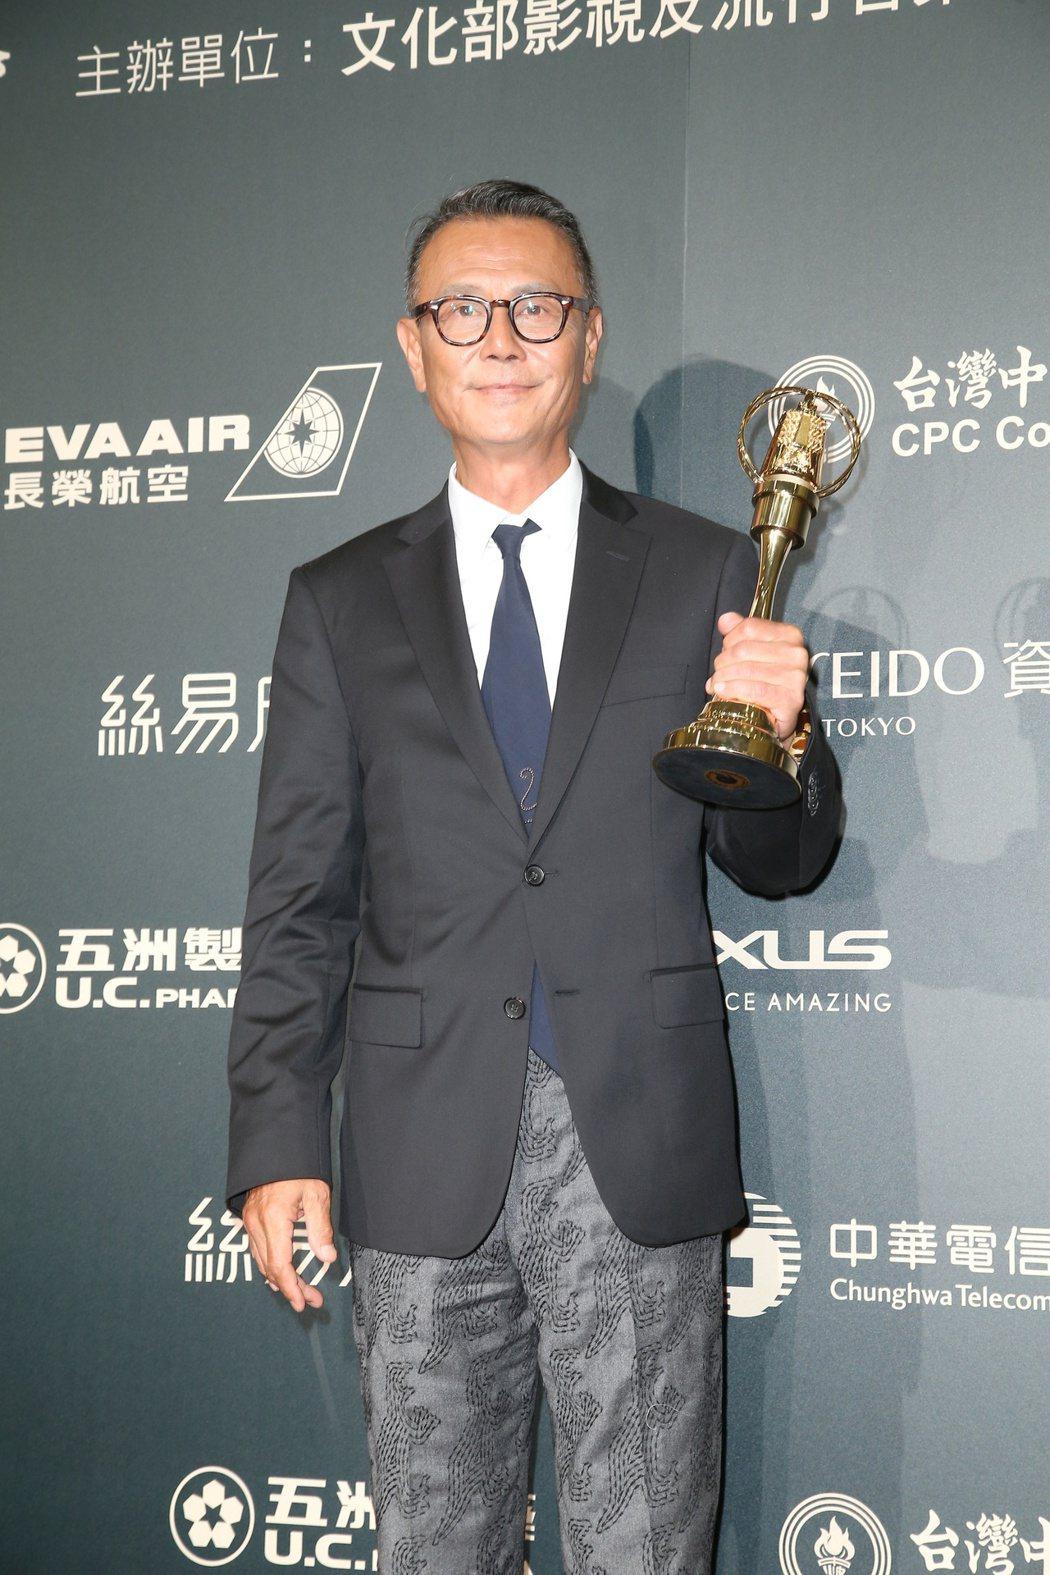 劉德凱獲得第52屆金鐘獎戲劇節目男主角獎。圖/聯合報系資料照